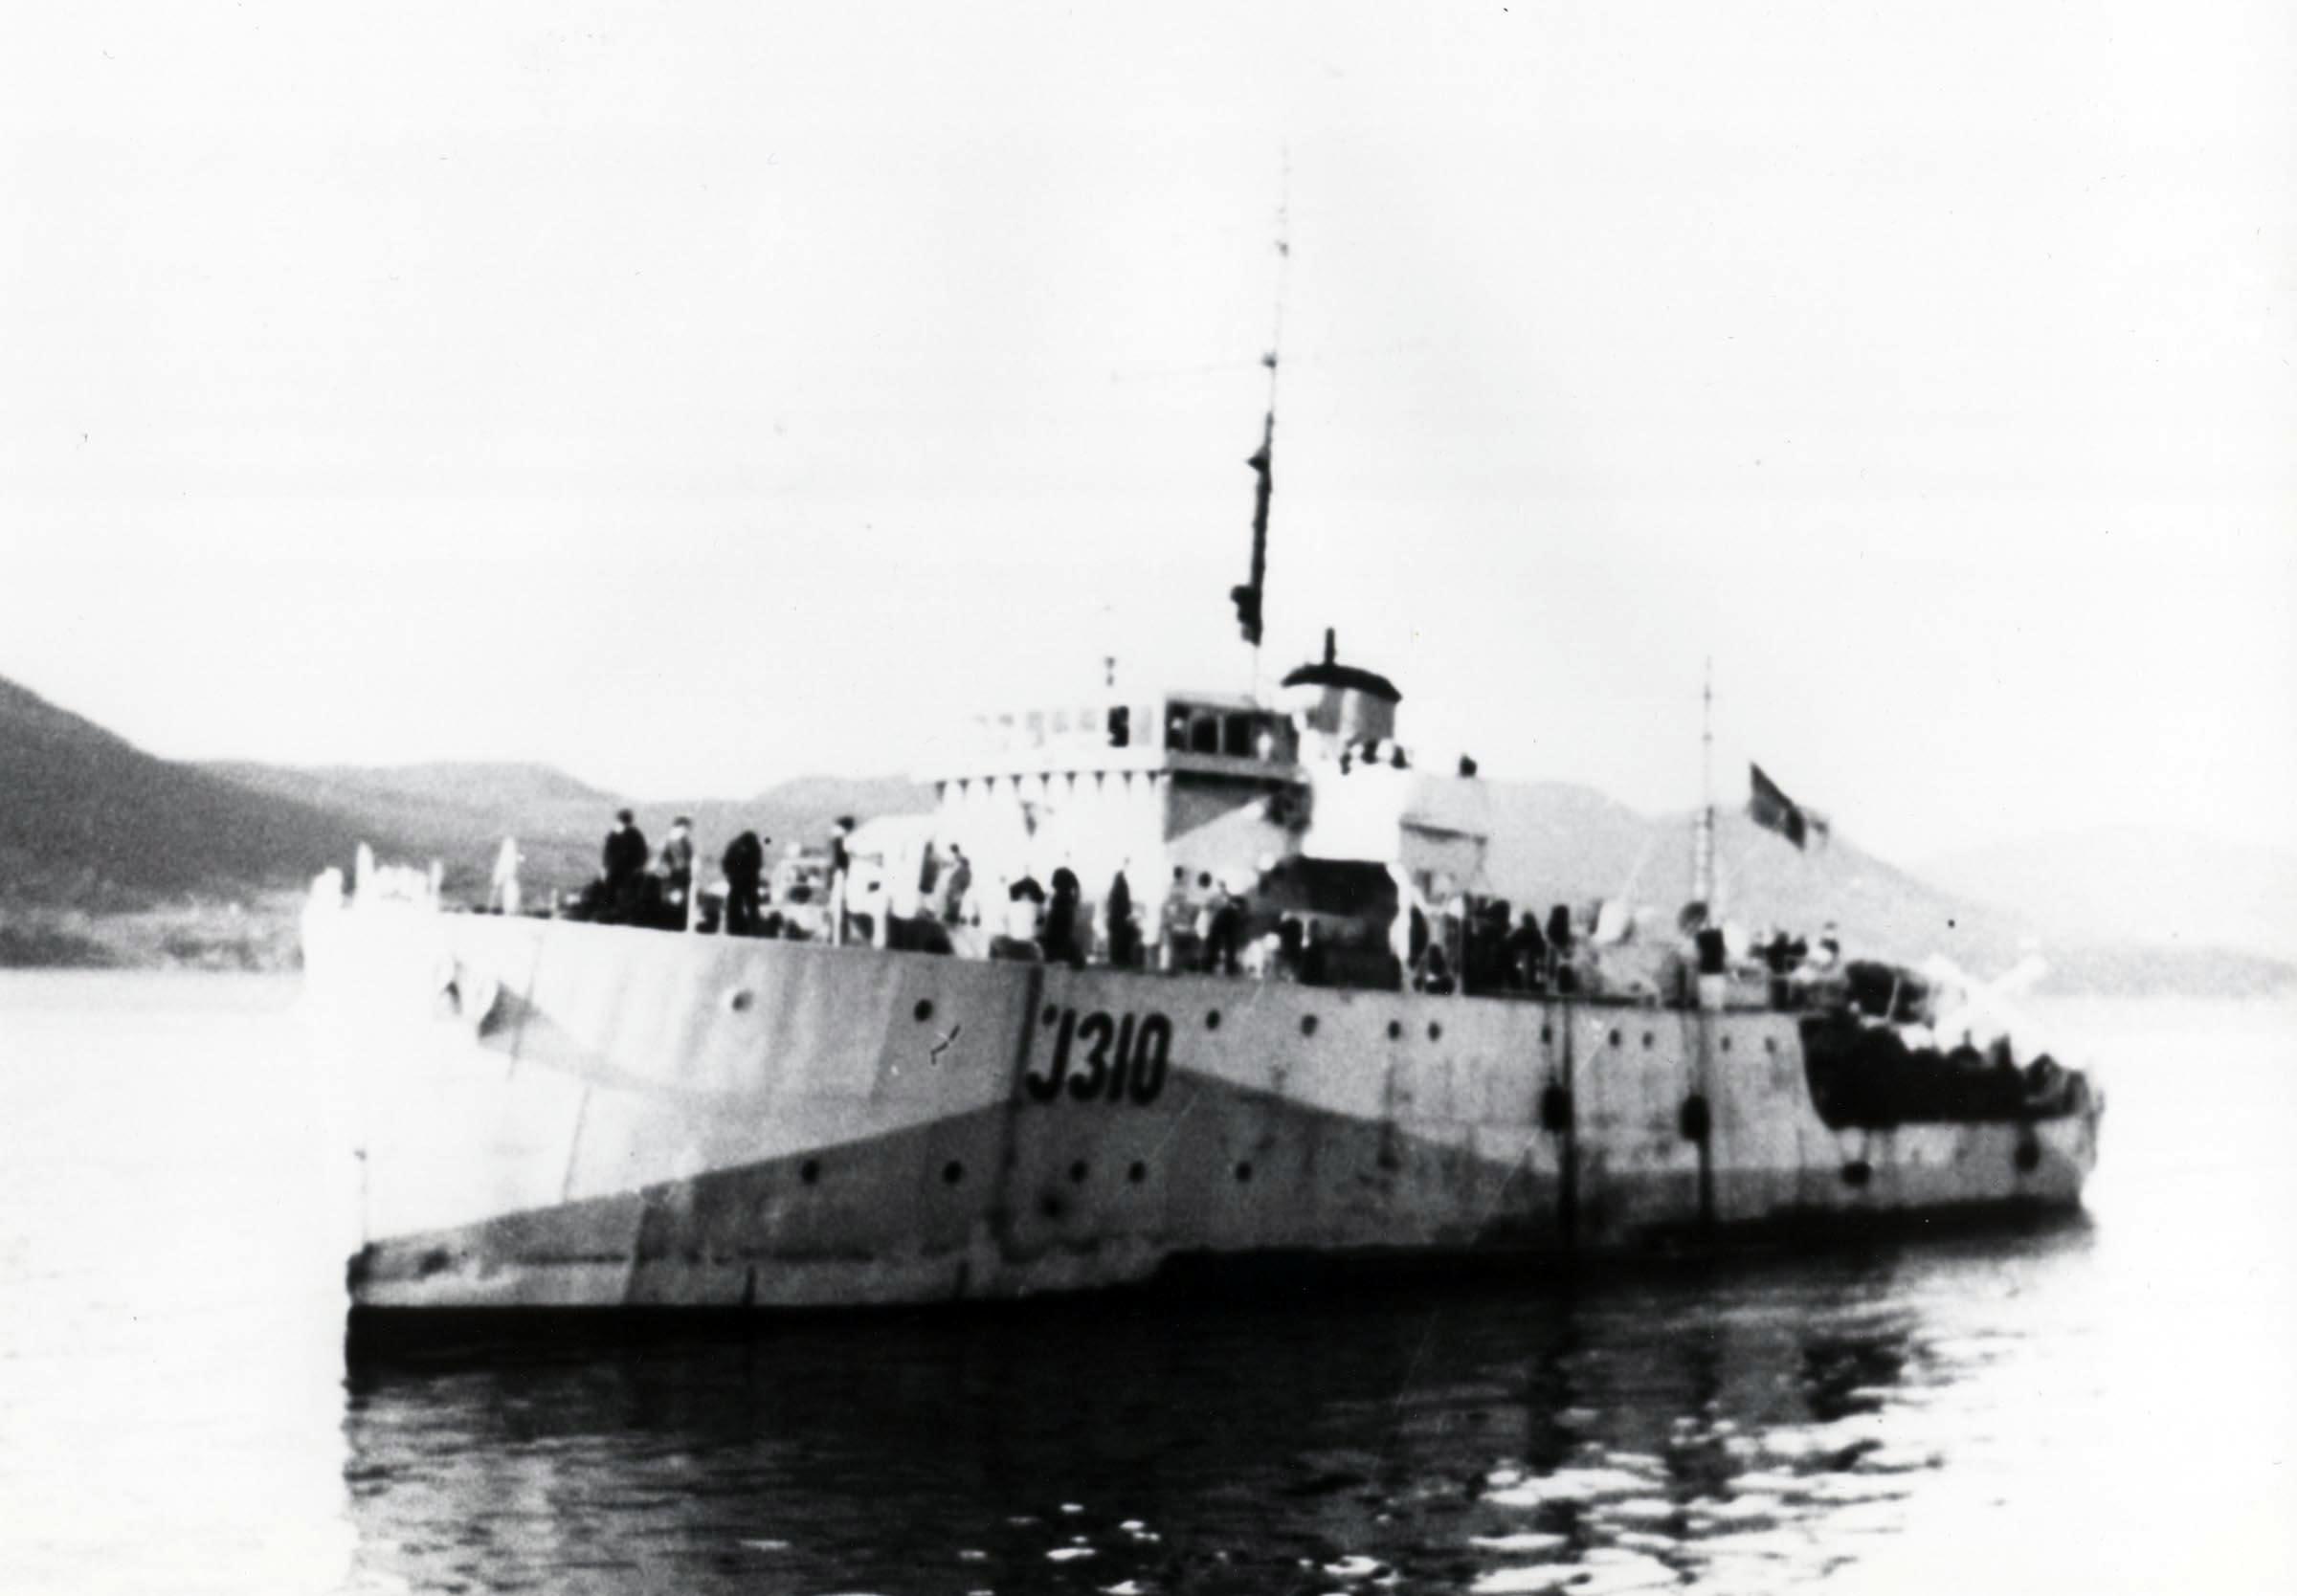 HMCS STRATFORD